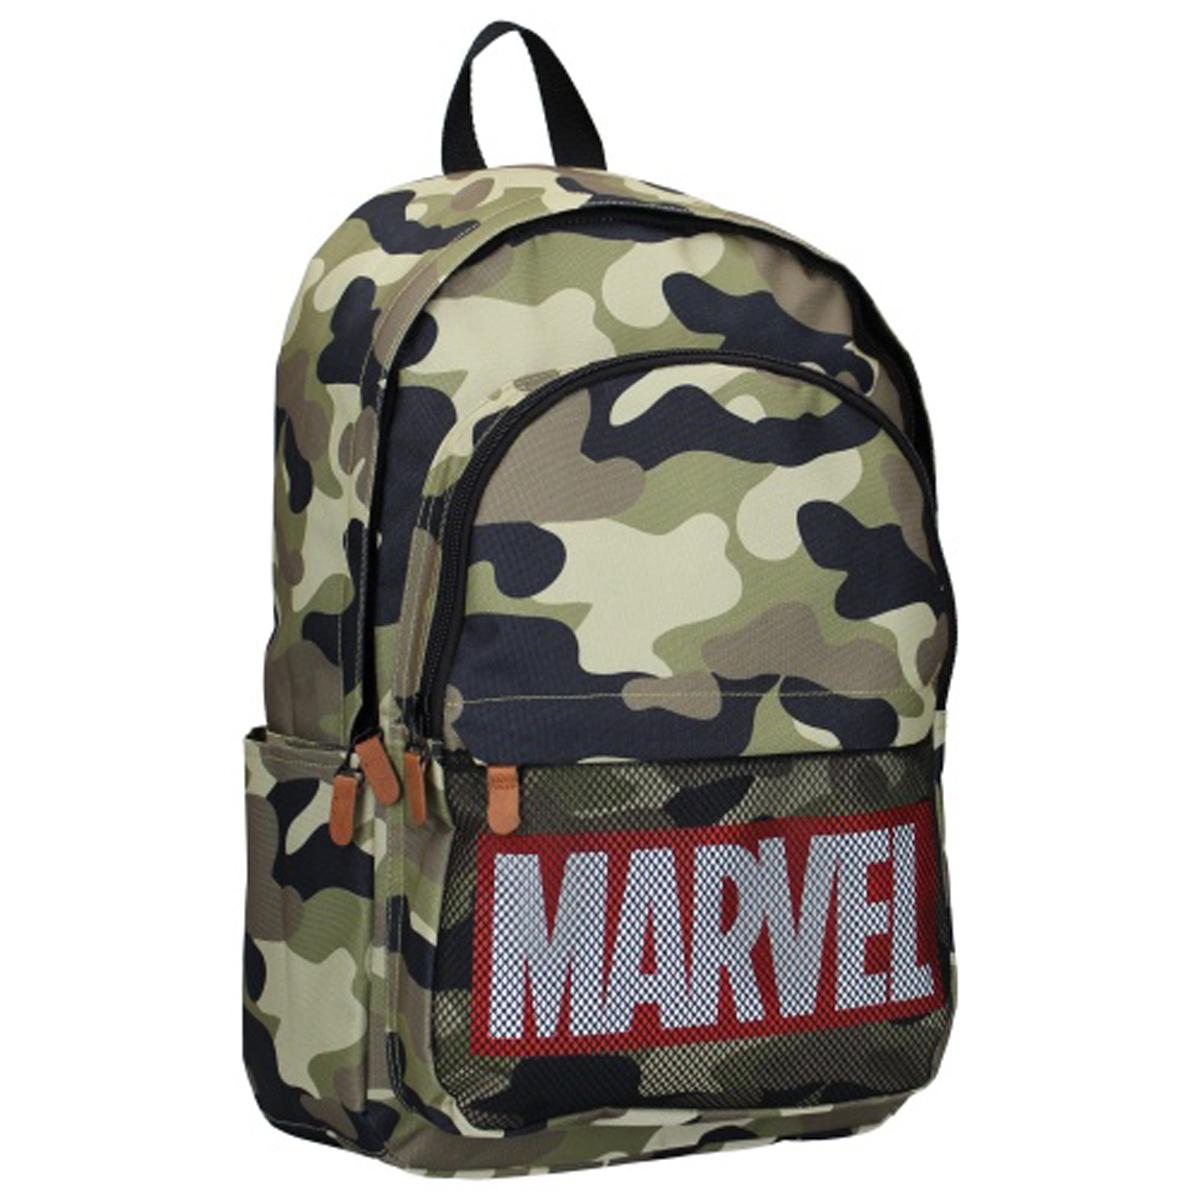 Sac à dos créateur \'Marvel\' vert camouflage - 45x25x135 cm - [Q8693]